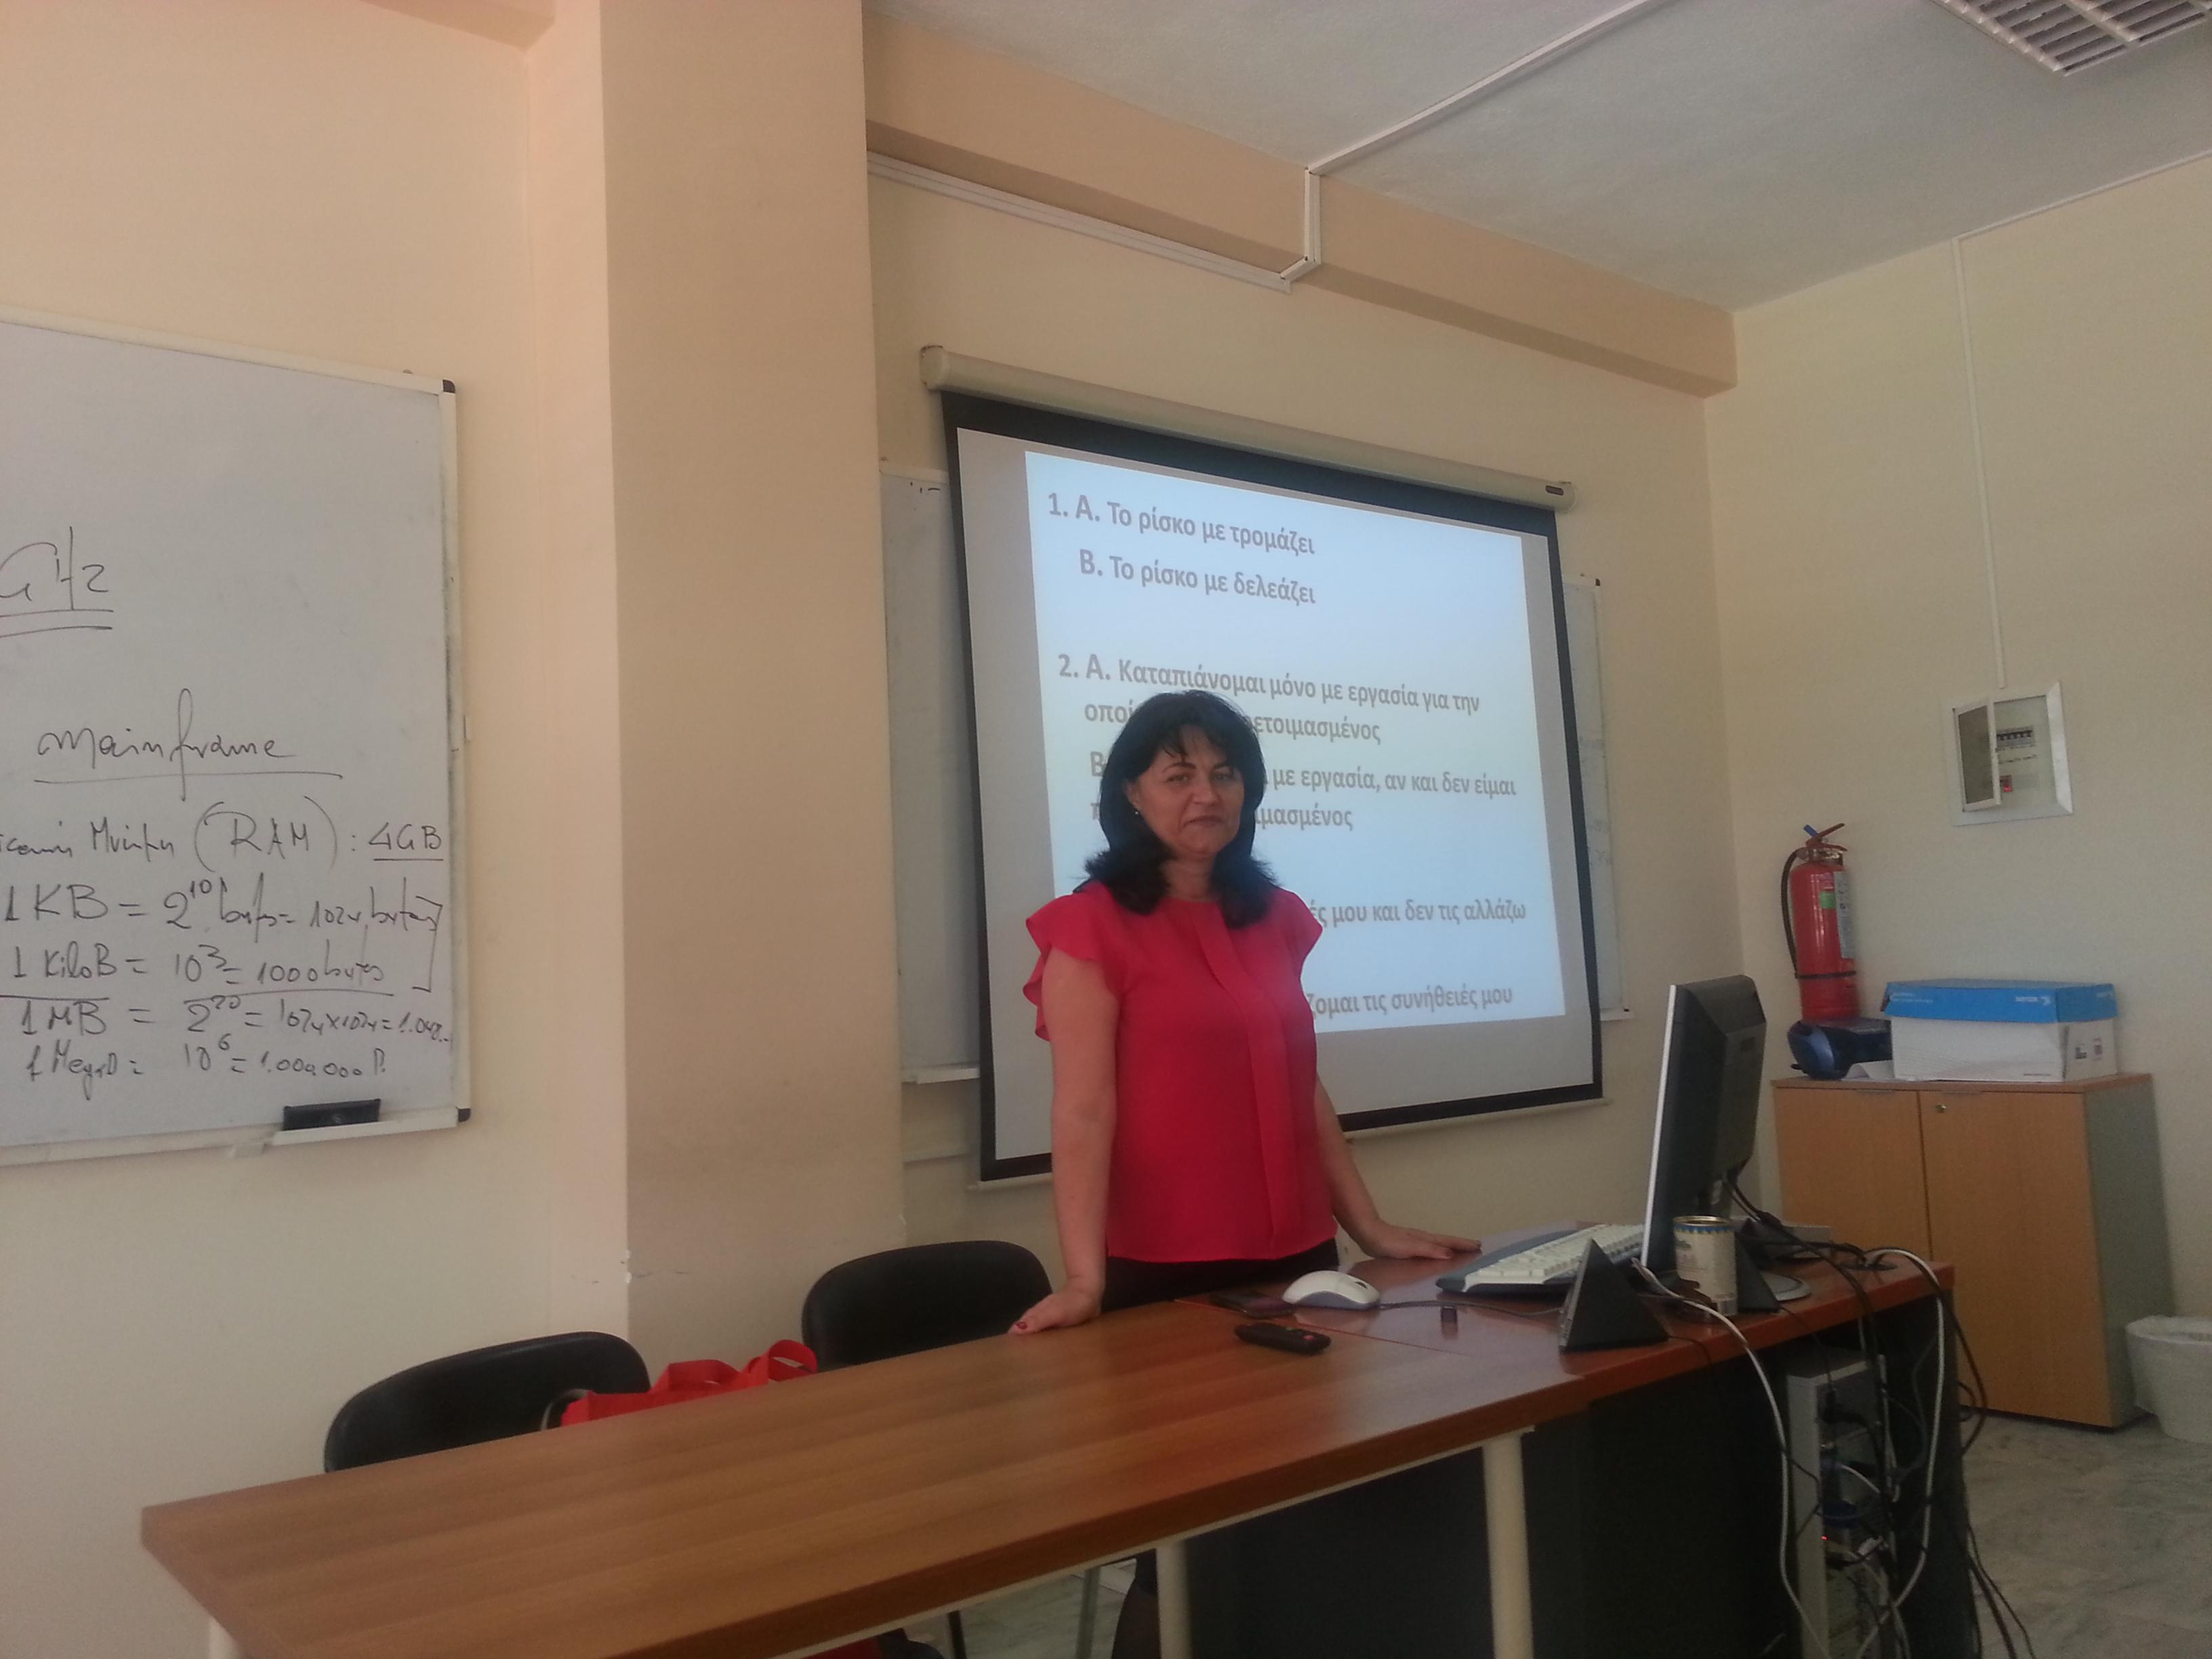 """Доц. д-р Донка Никова, преподавател от катедра """"Икономическа социология""""-ОИФ, посети Технологичния образователен институт на Лариса, Гърция, и изнесе кратък лекционен курс на тема """"Академичната мотивация и иновационната активност на студентите"""". Посещението бе осъществено в рамките на преподавателската мобилност по програма """"Еразъм""""."""